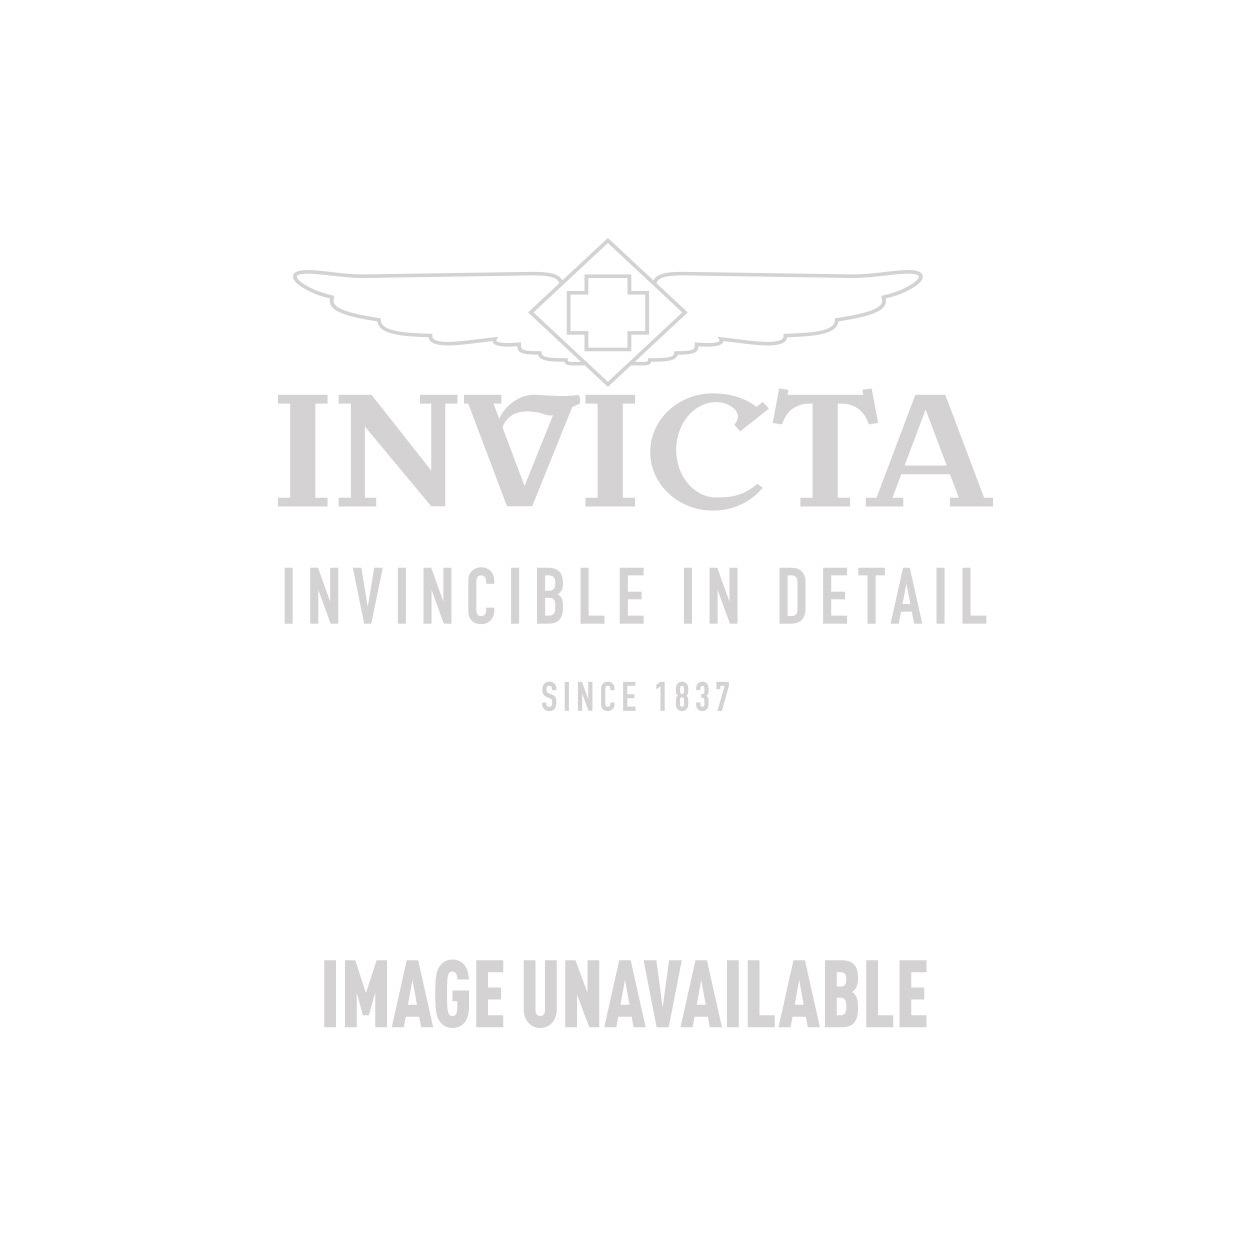 Invicta Model 27412